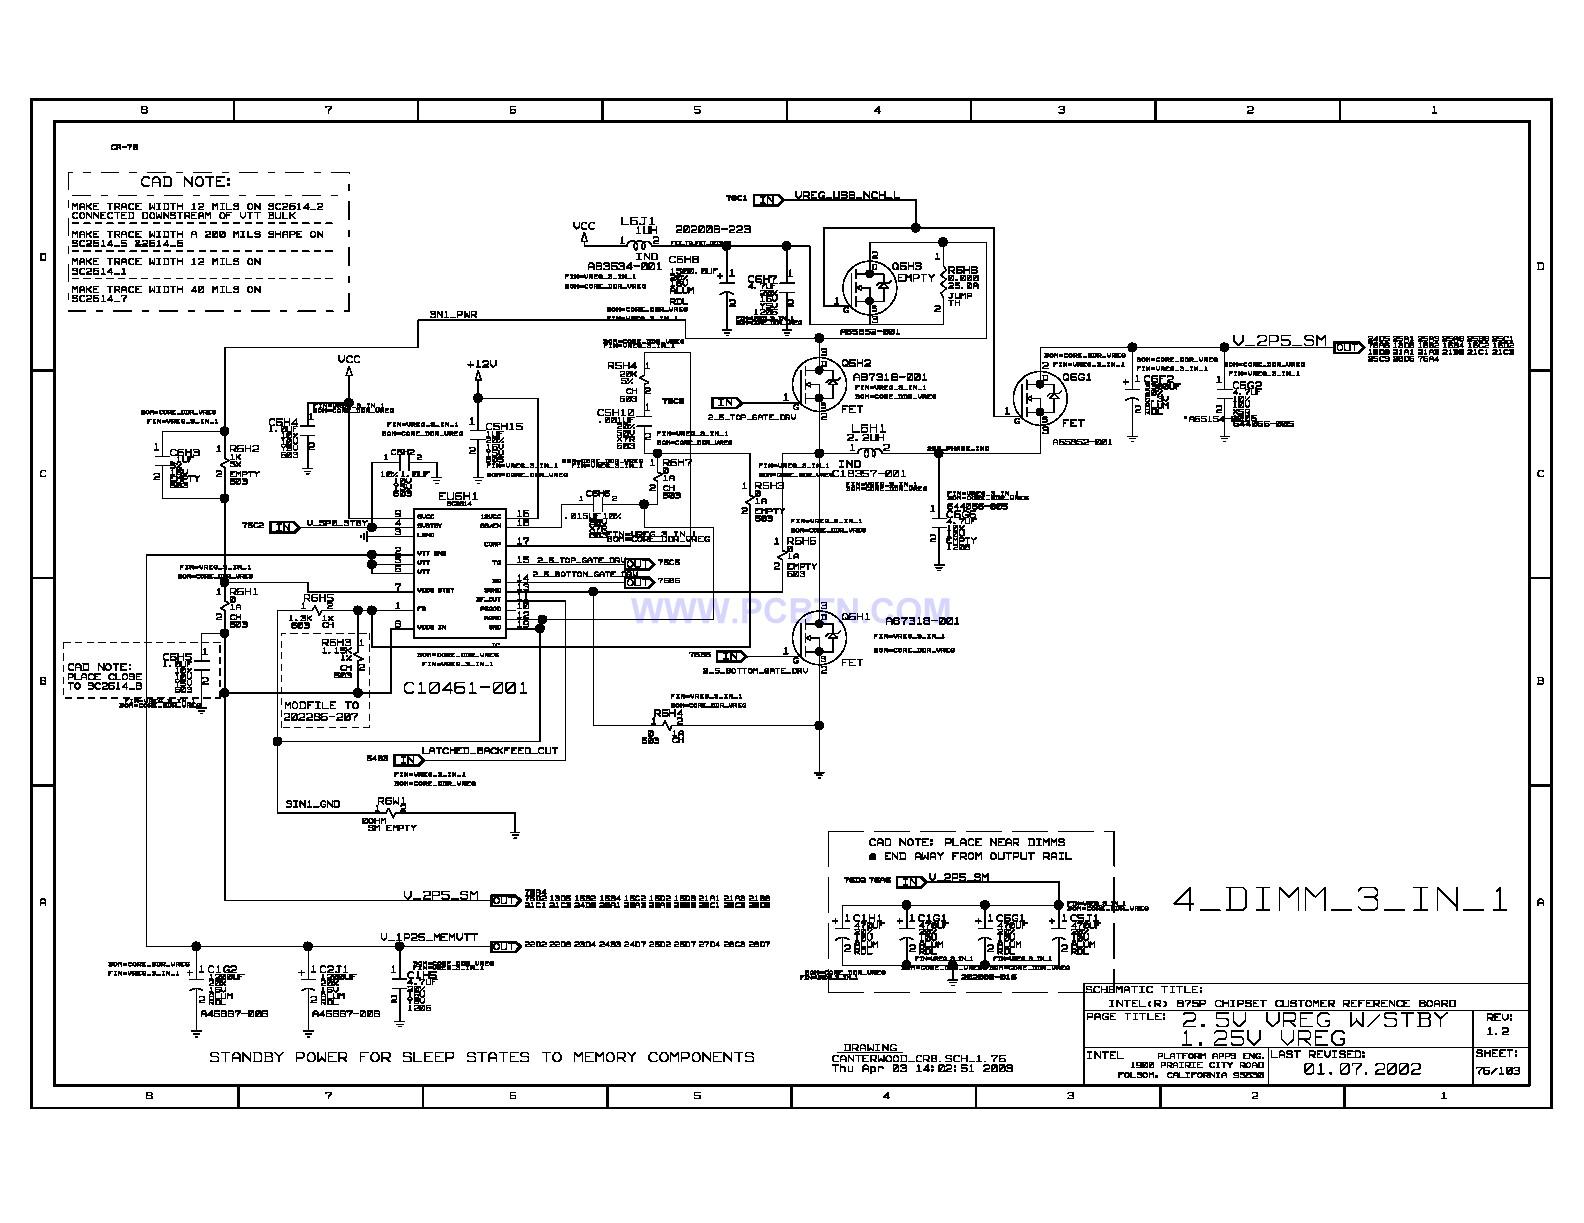 875p电脑主板电路图[_]080